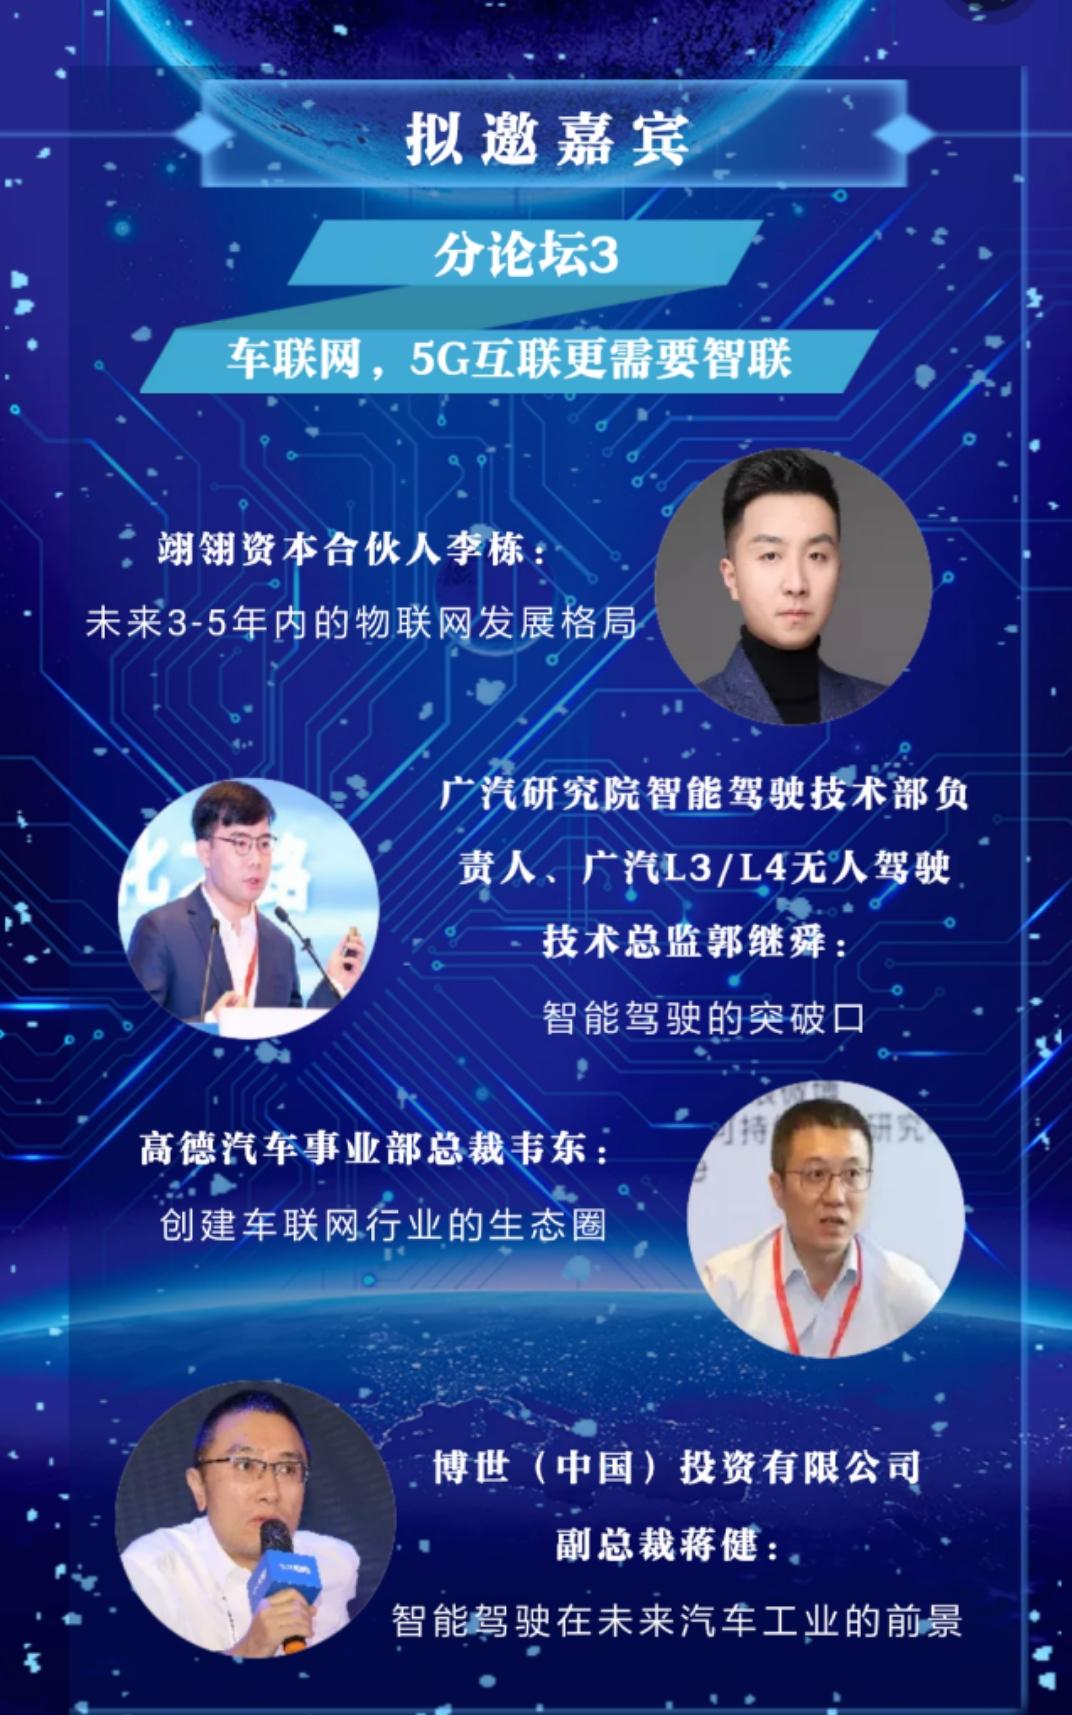 2019全球应用科技(5G)发展大会(广州)